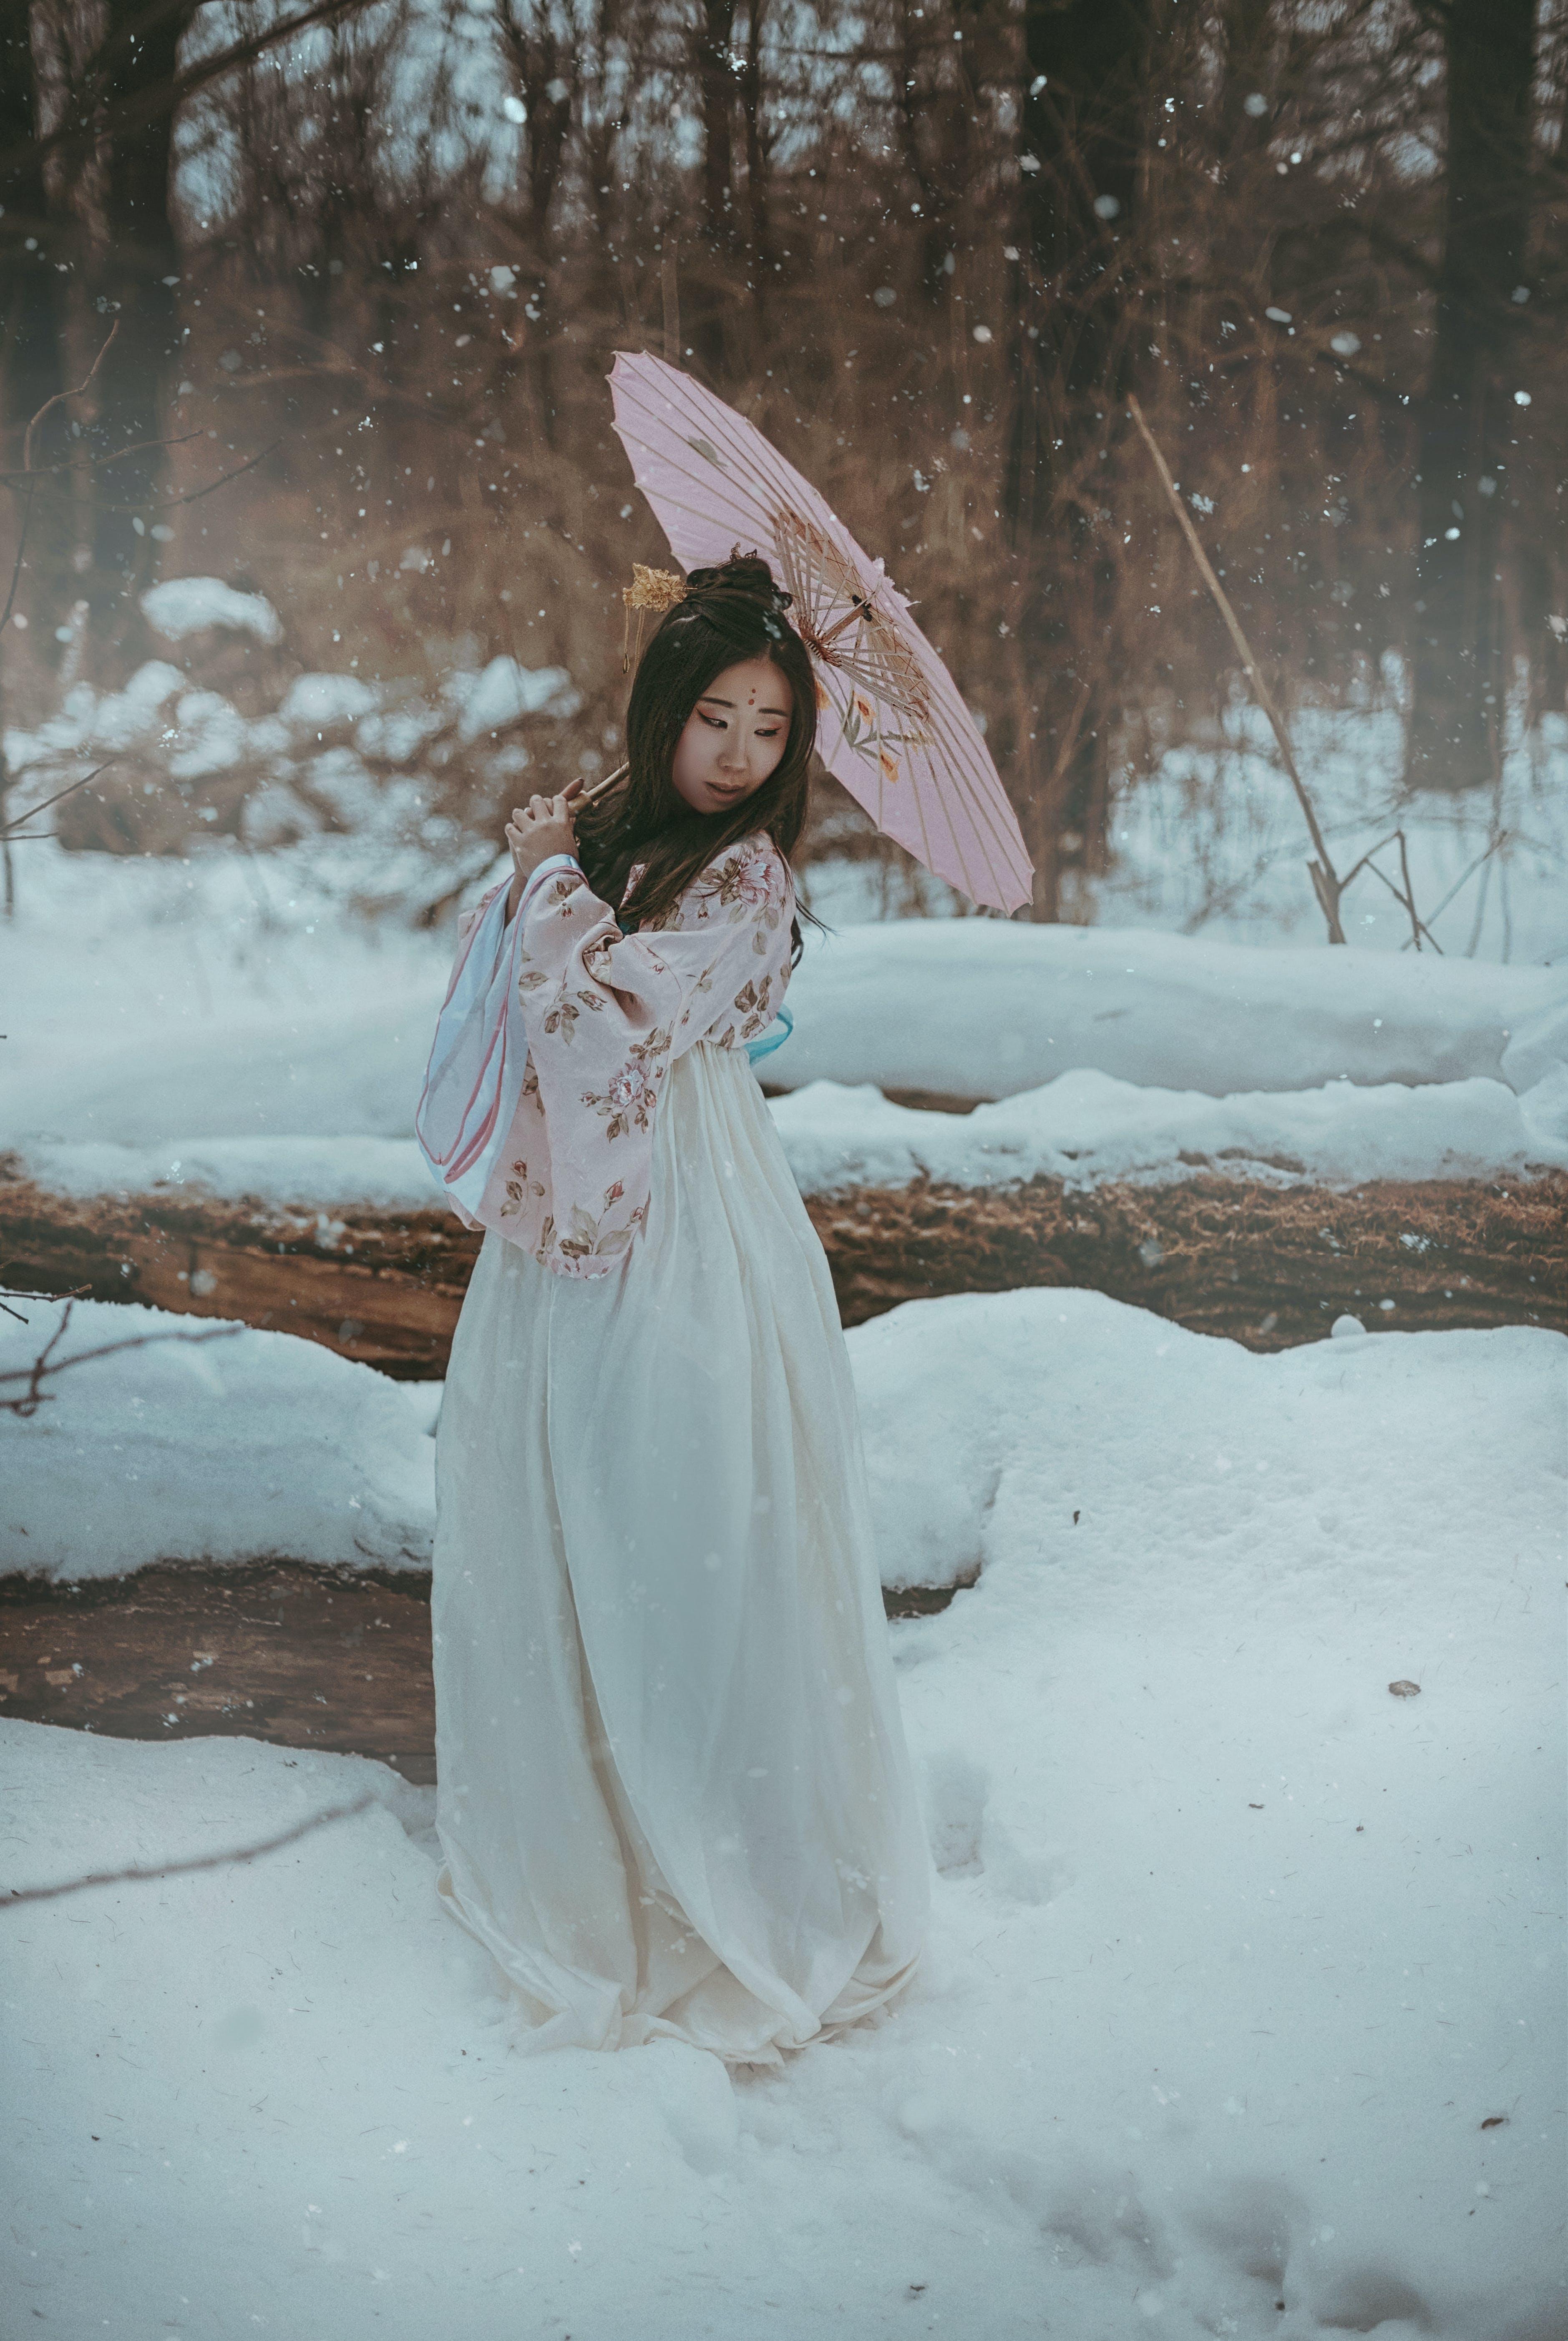 açık hava, ağaçlar, Asyalı kadın, Beyaz elbise içeren Ücretsiz stok fotoğraf